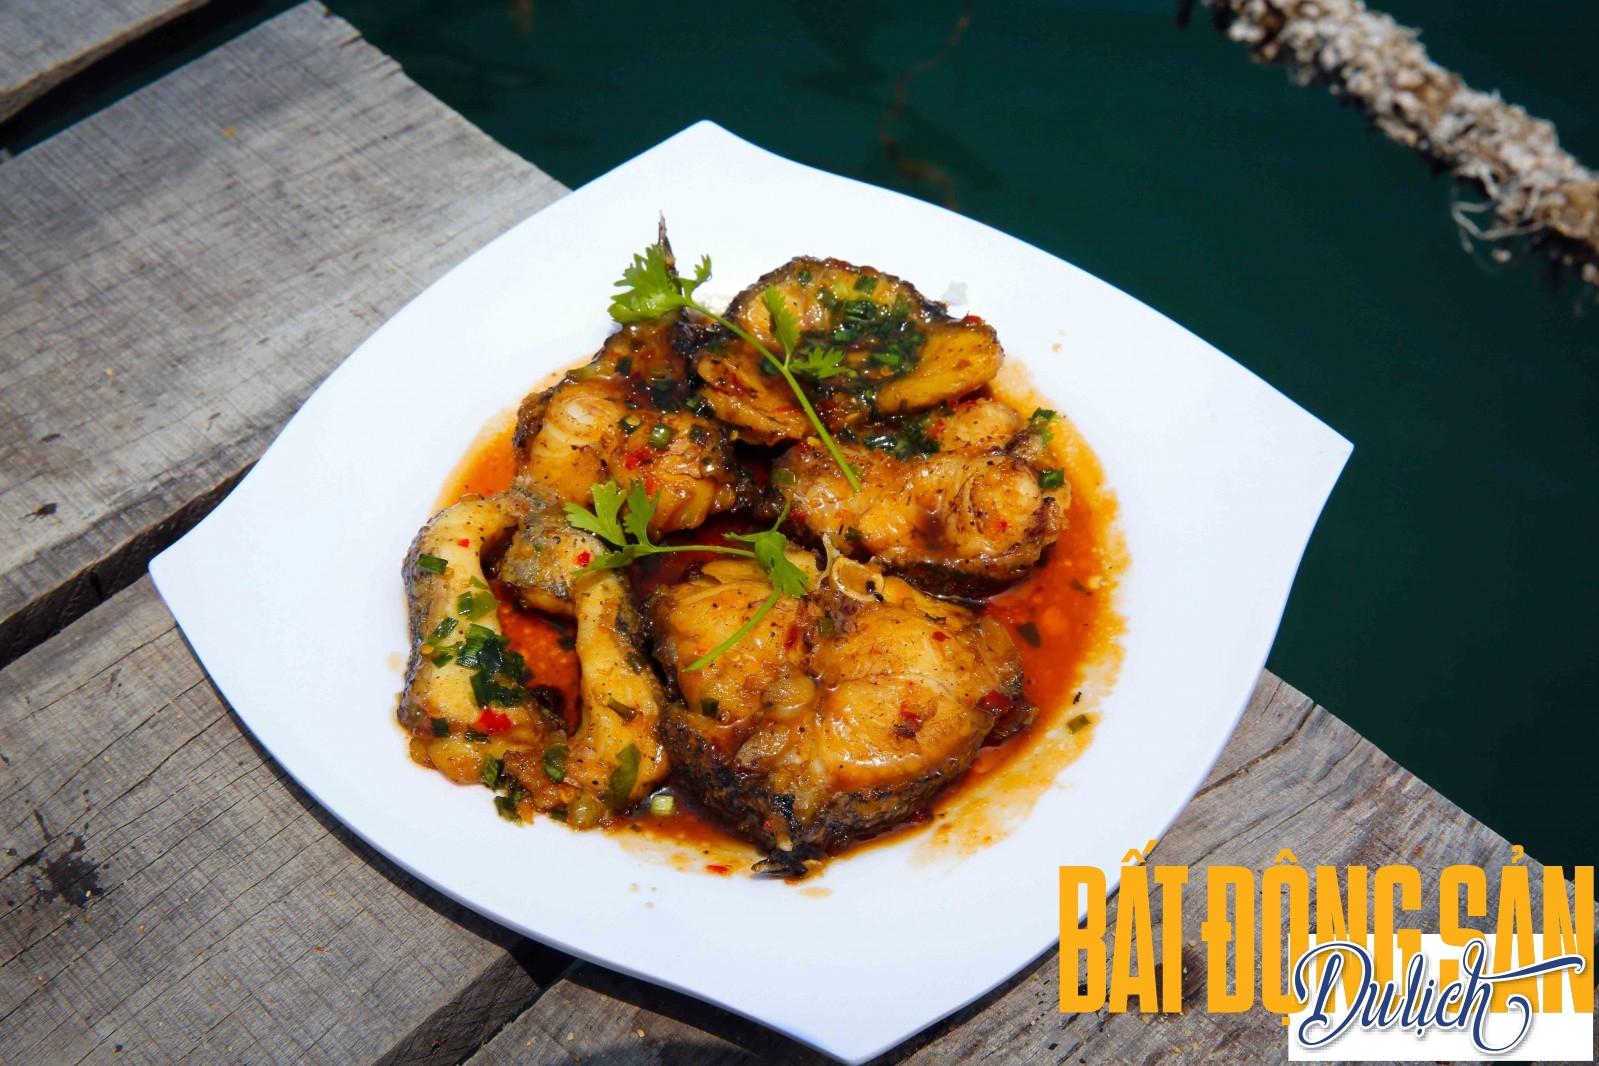 Biển Vĩnh Hy còn là nơi có nhiều cá chẽm sinh sống và thường được các nhà bè thu mua, mang về chế biến các món ẩm thực khác nhau cho du khách…